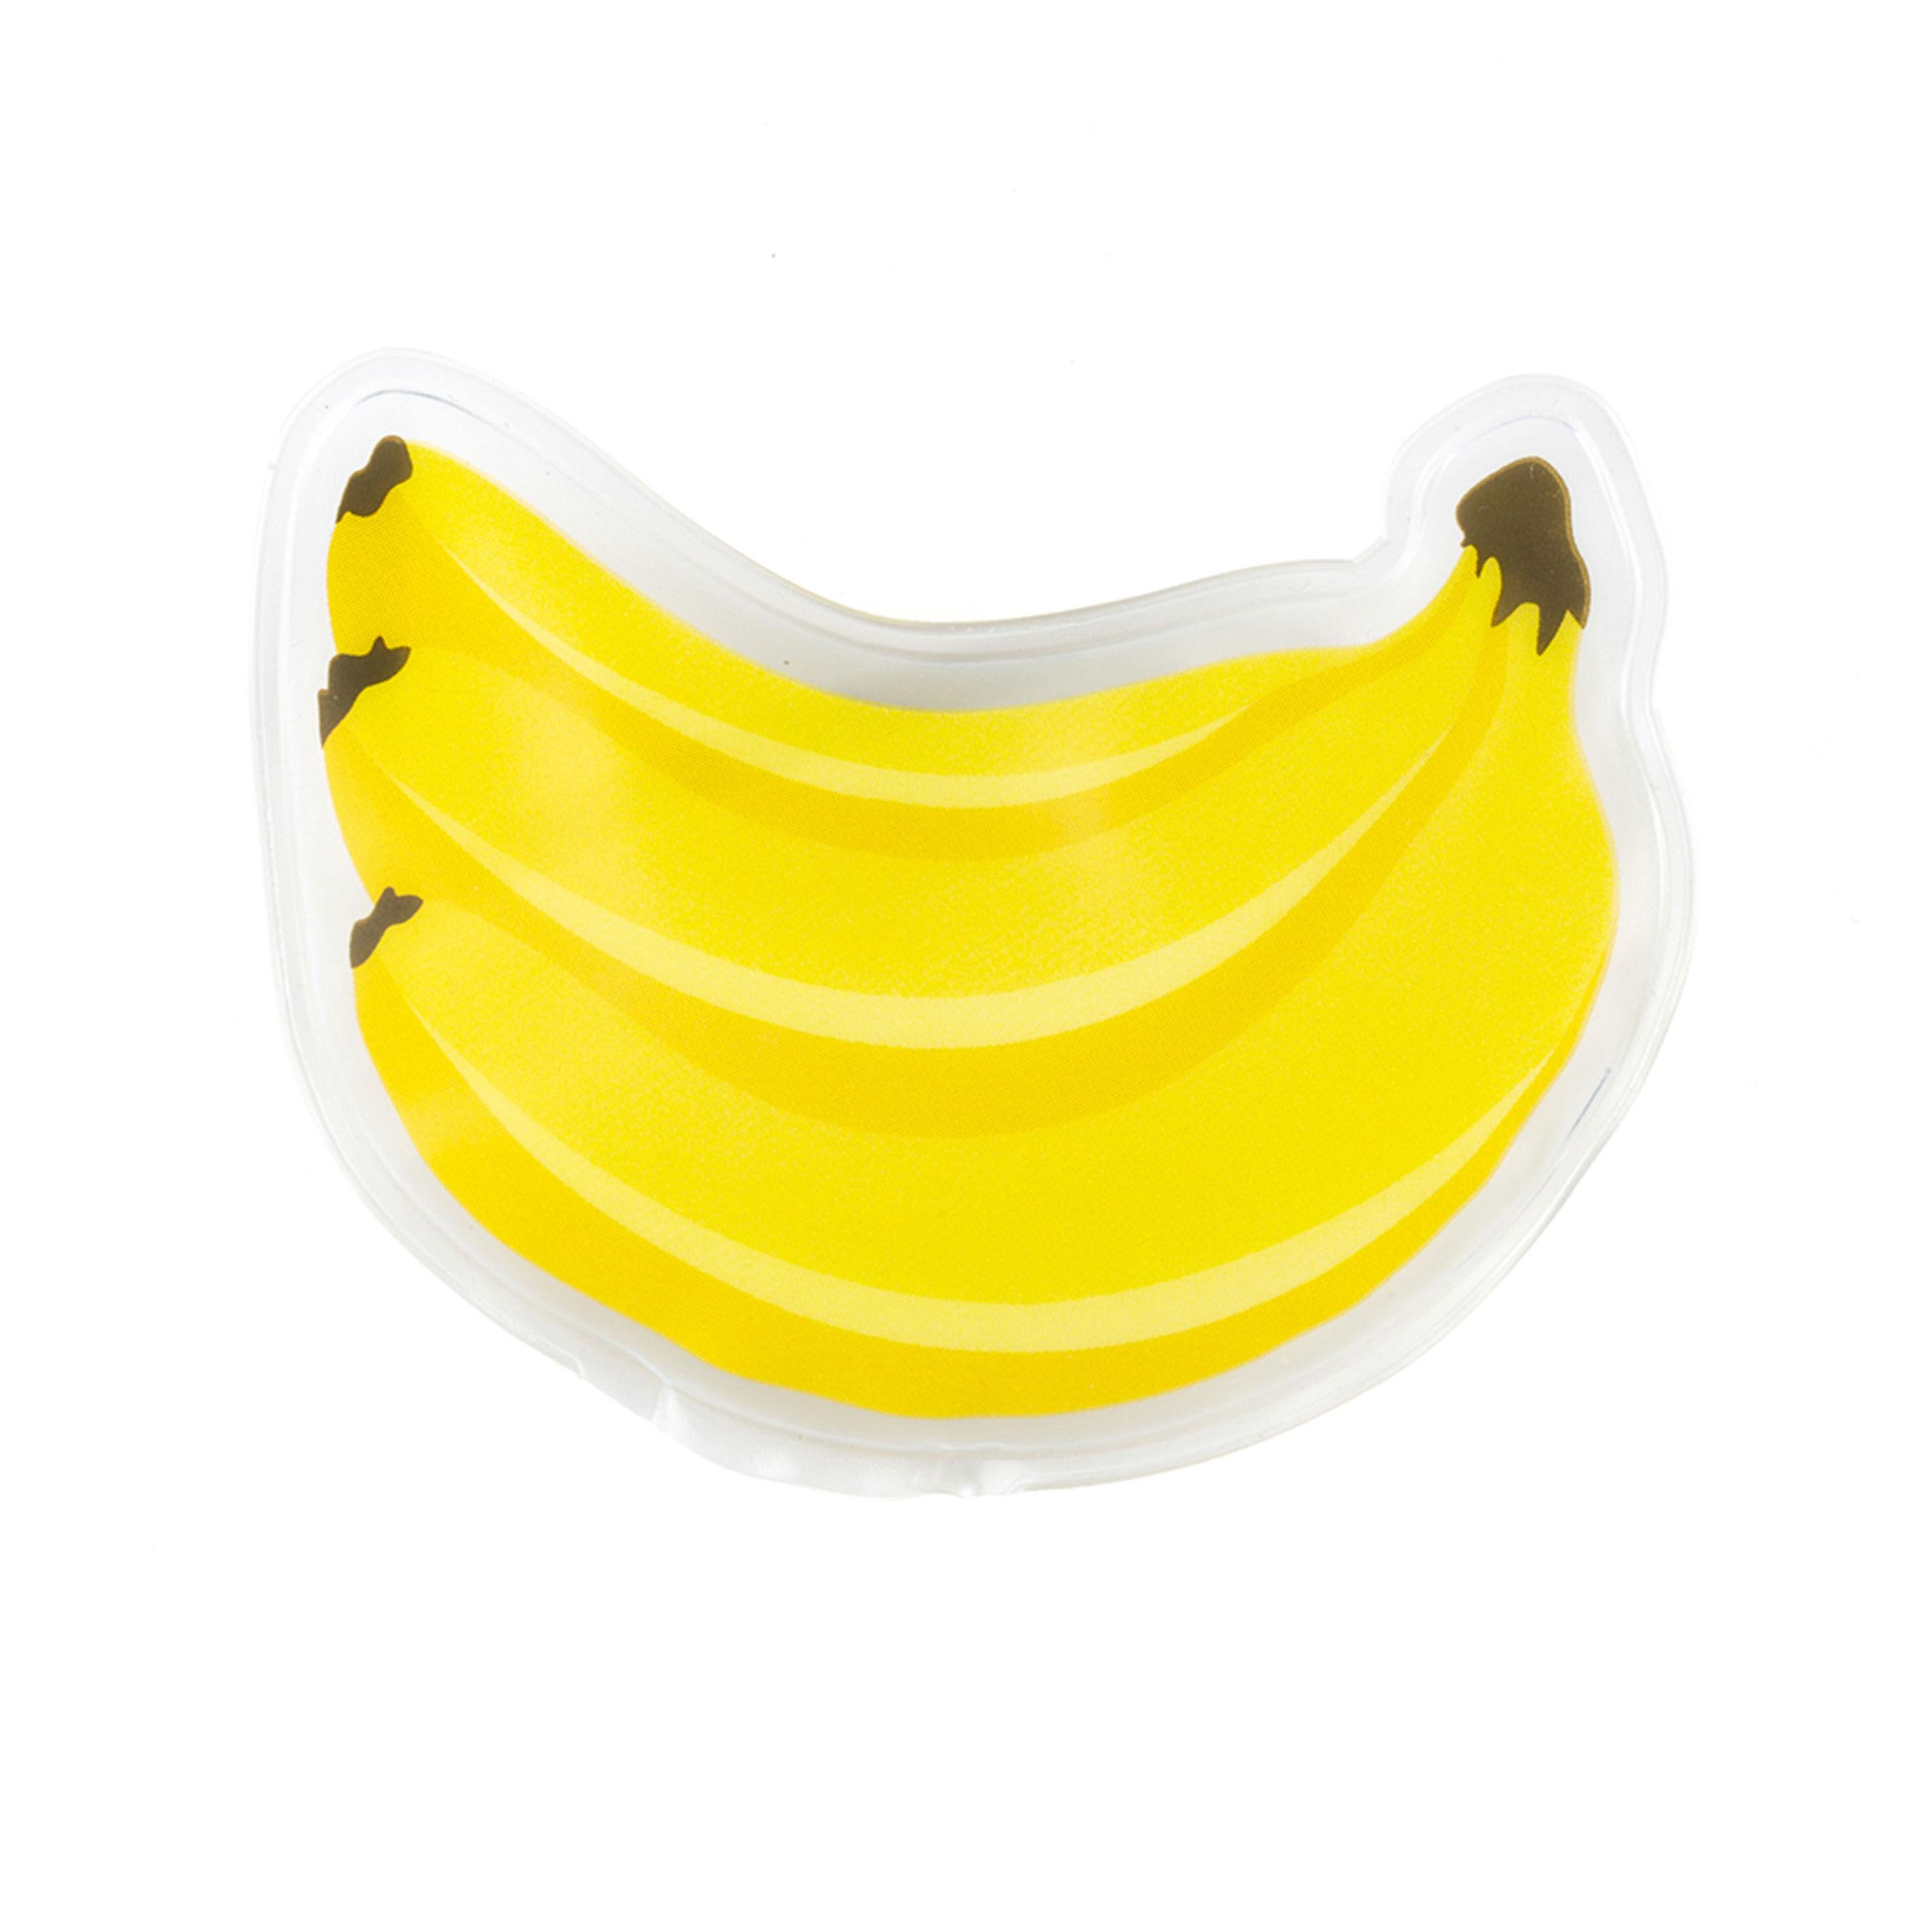 Poche de gel chaud/froid pour aliments - Banane, , large